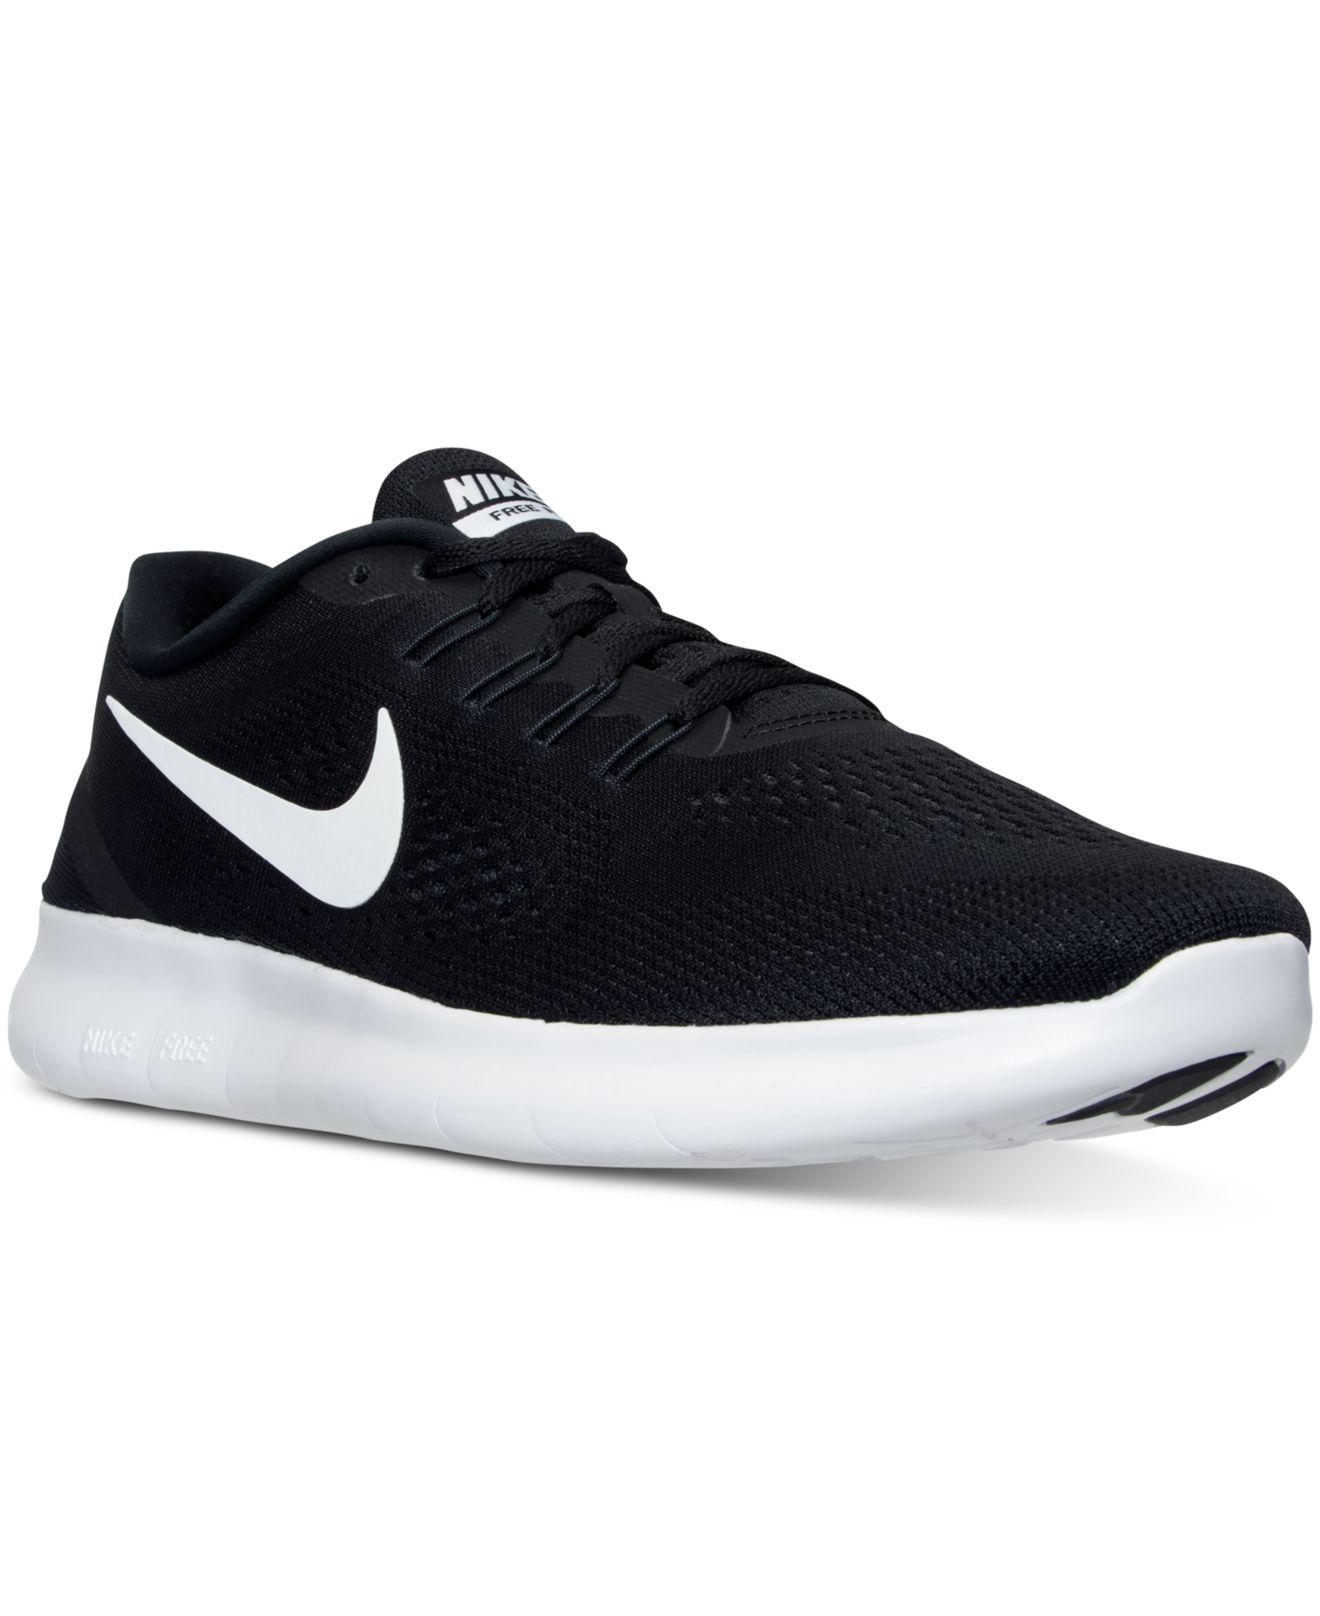 Macys Nike Shoes On Sale